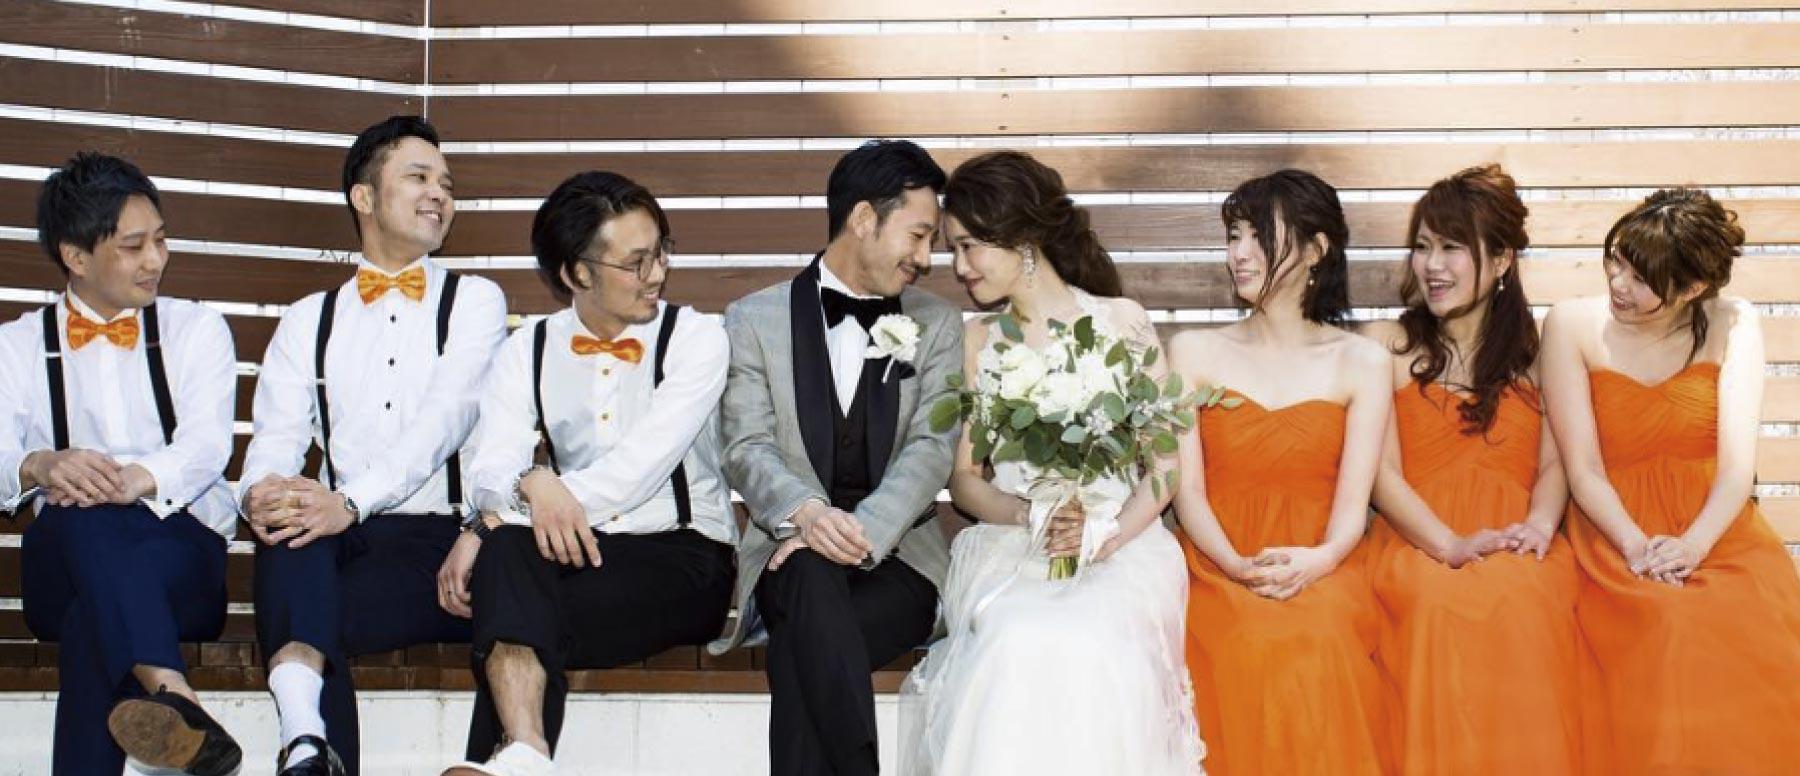 ザ マグリット | 岡山県岡山市の結婚式場・パーティーウェディング・おもてなしウェディング 岡山市内 結婚式 会場 ギャラリー